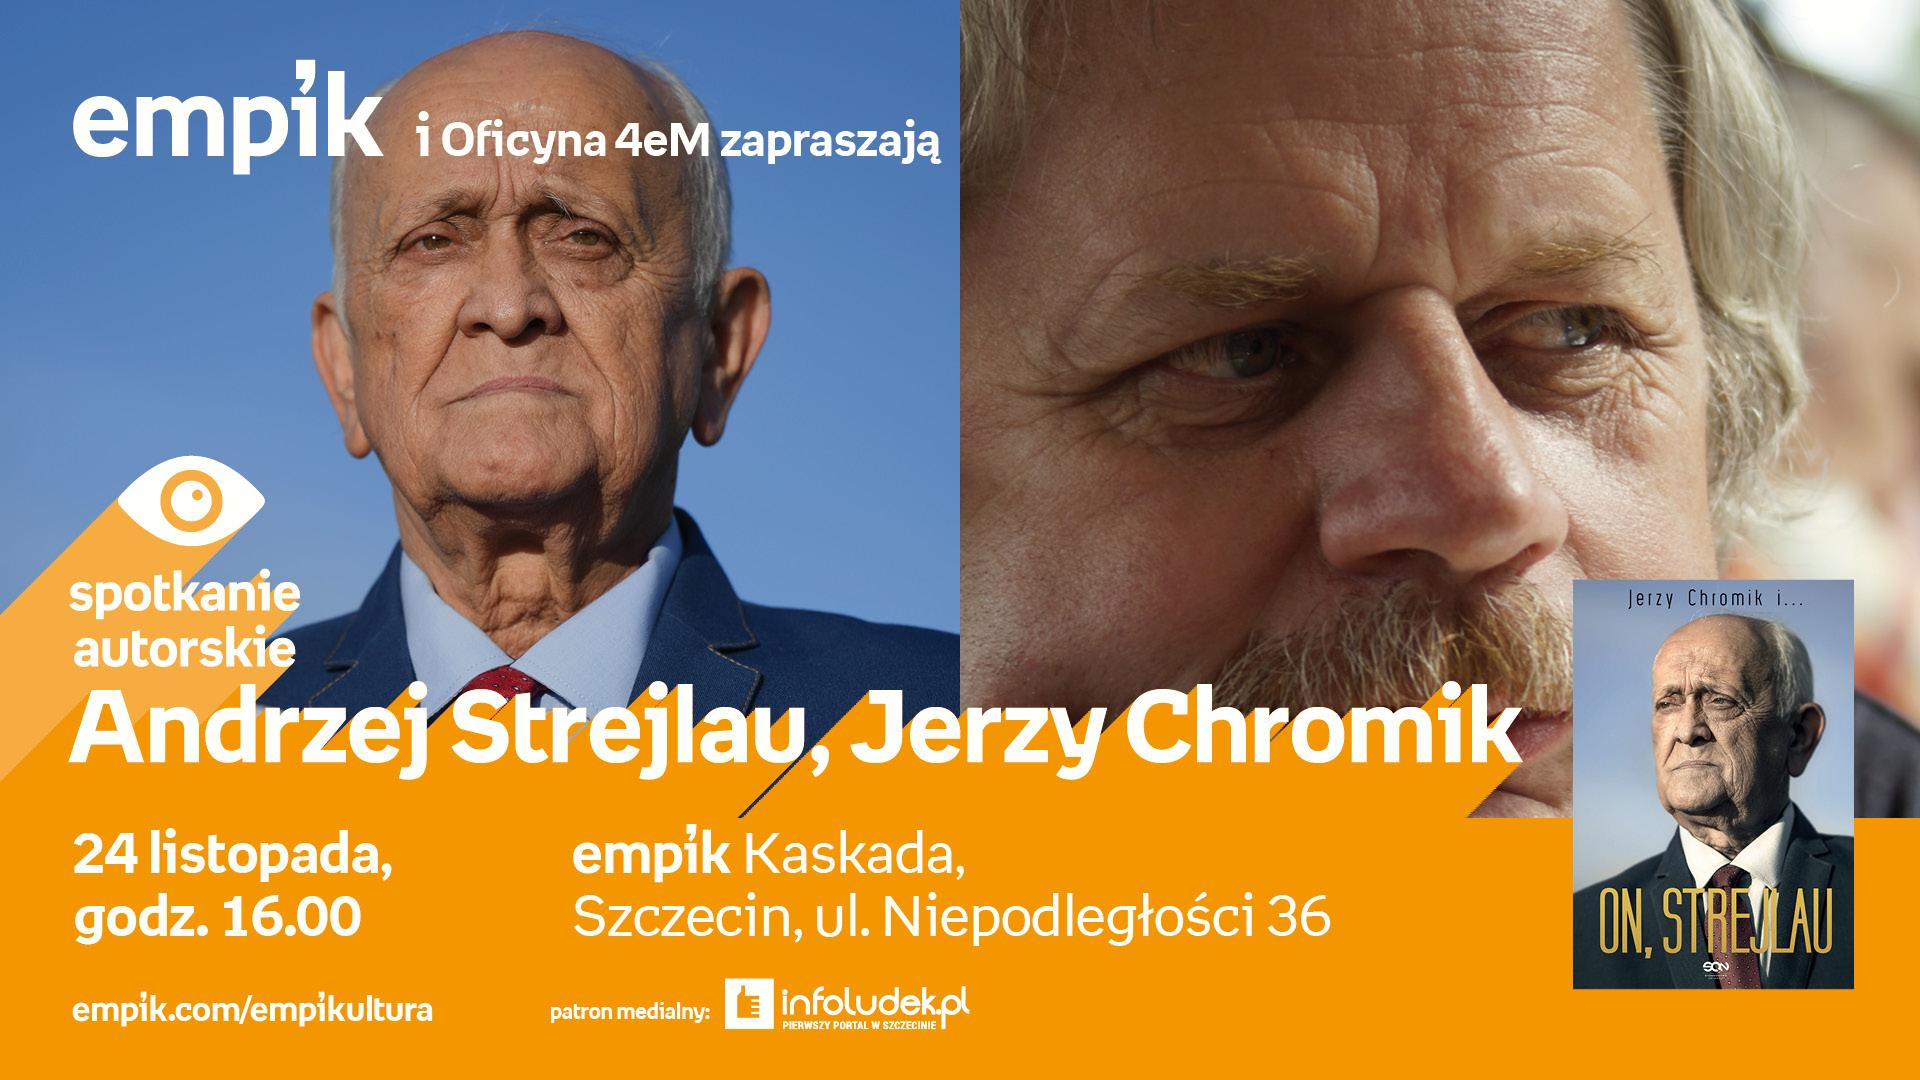 Spotkanie autorskie: Andrzej Strejlau, Jerzy Chromik